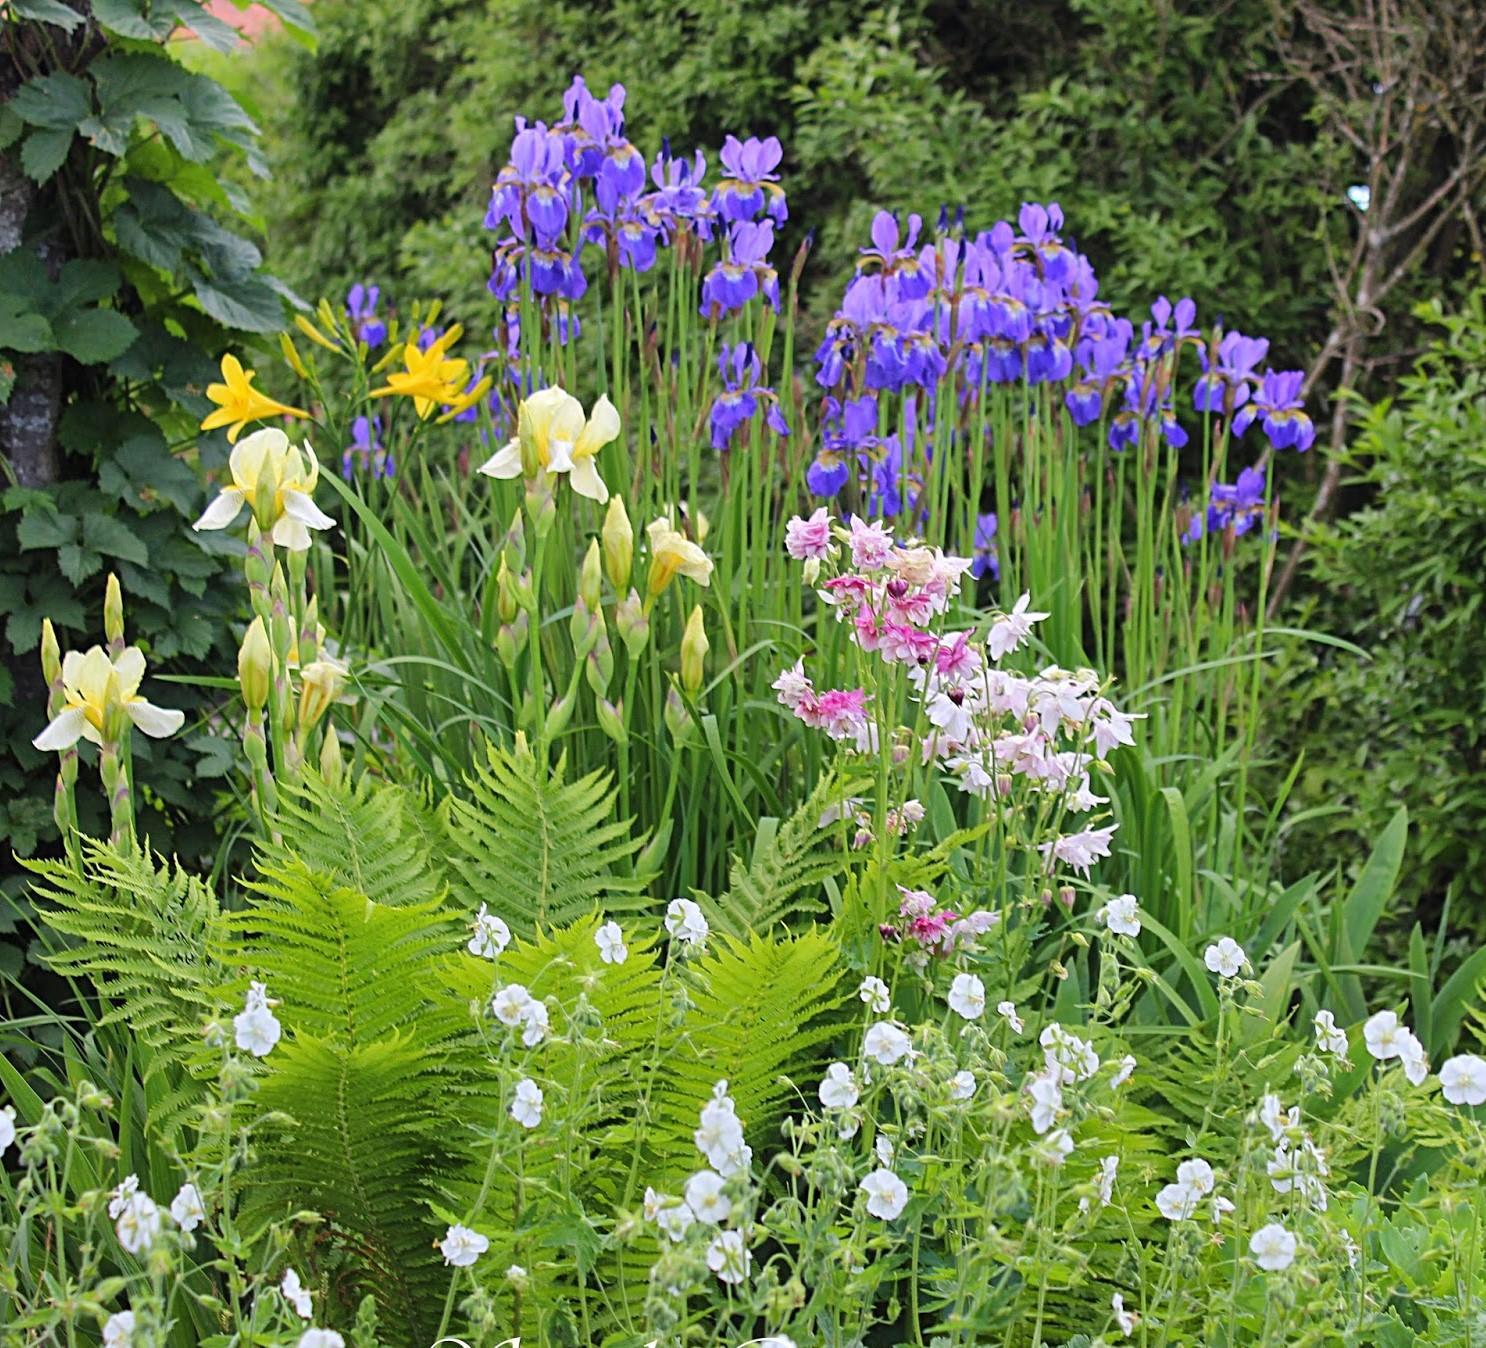 Záhrada,ktorá ťa nikdy neomrzí...divoká a krásna - Obrázok č. 85